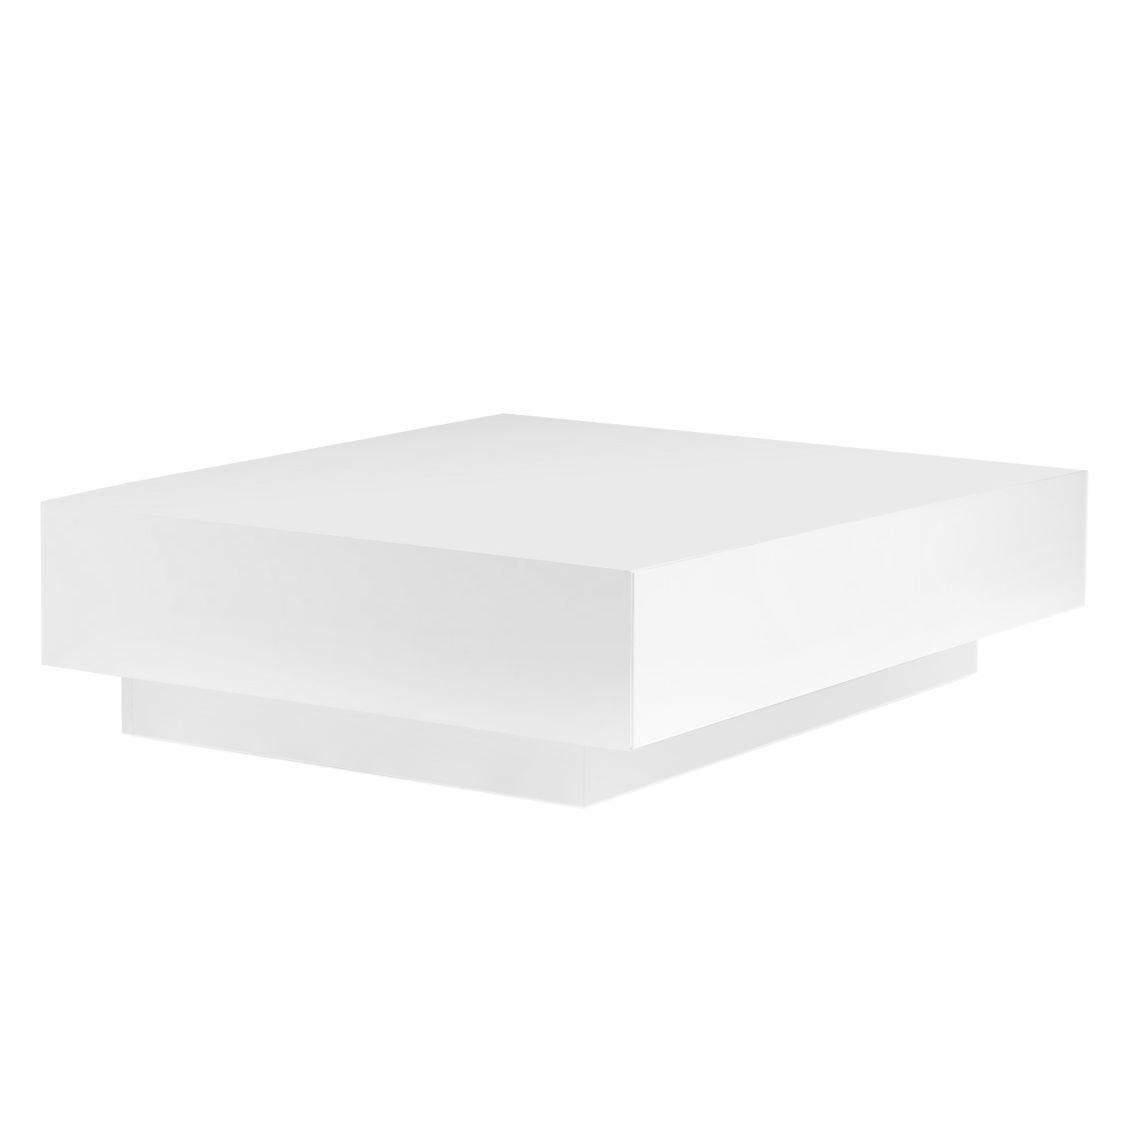 couchtisch quadratisch weiss hochglanz. Black Bedroom Furniture Sets. Home Design Ideas